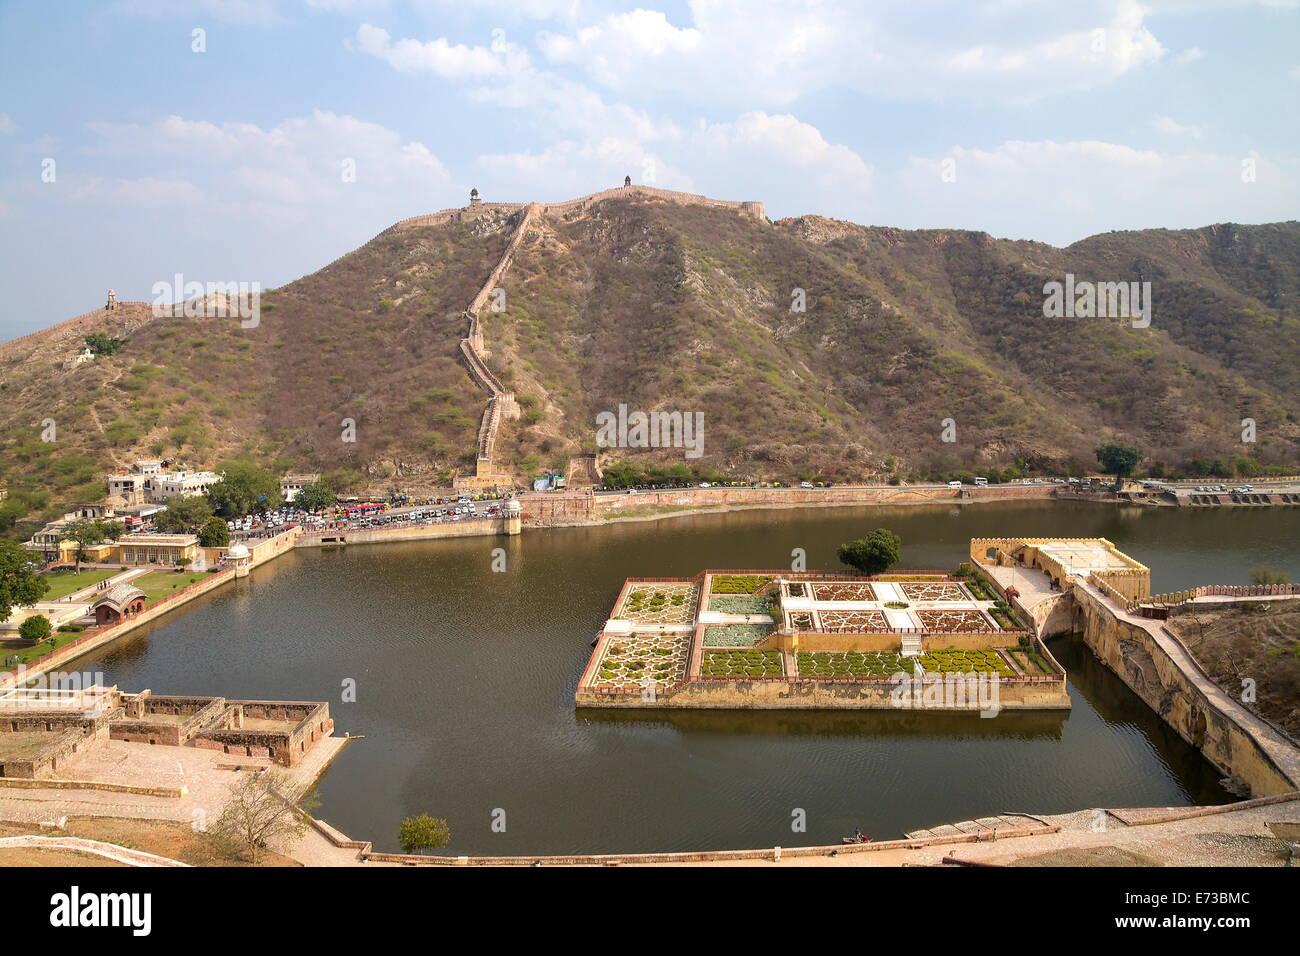 Kesar Kyari Bagh gardens, Maota Lake, Amber Fort, Jaipur, Rajasthan, India, Asia - Stock Image